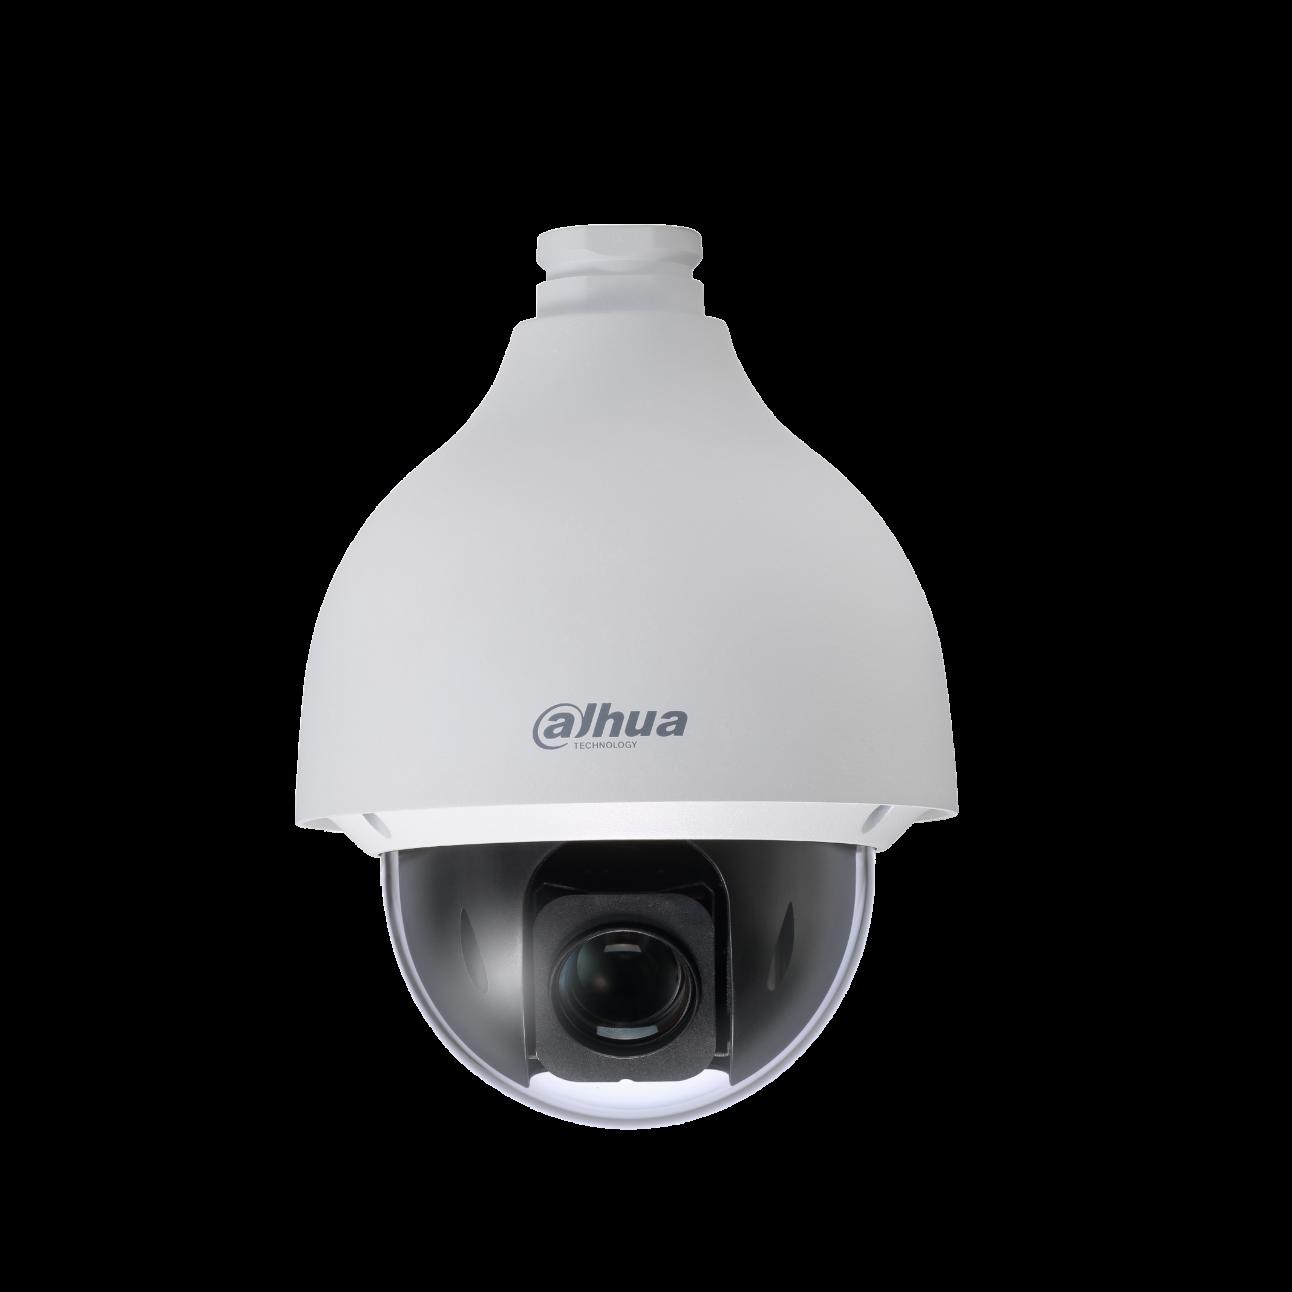 IP камера Dahua DH-SD50230U-HNI скоростная купольная поворотная 2Мп с 30x оптическим увеличением, Starlight, 50fps@1080p, вандалозащищенная, PoE+